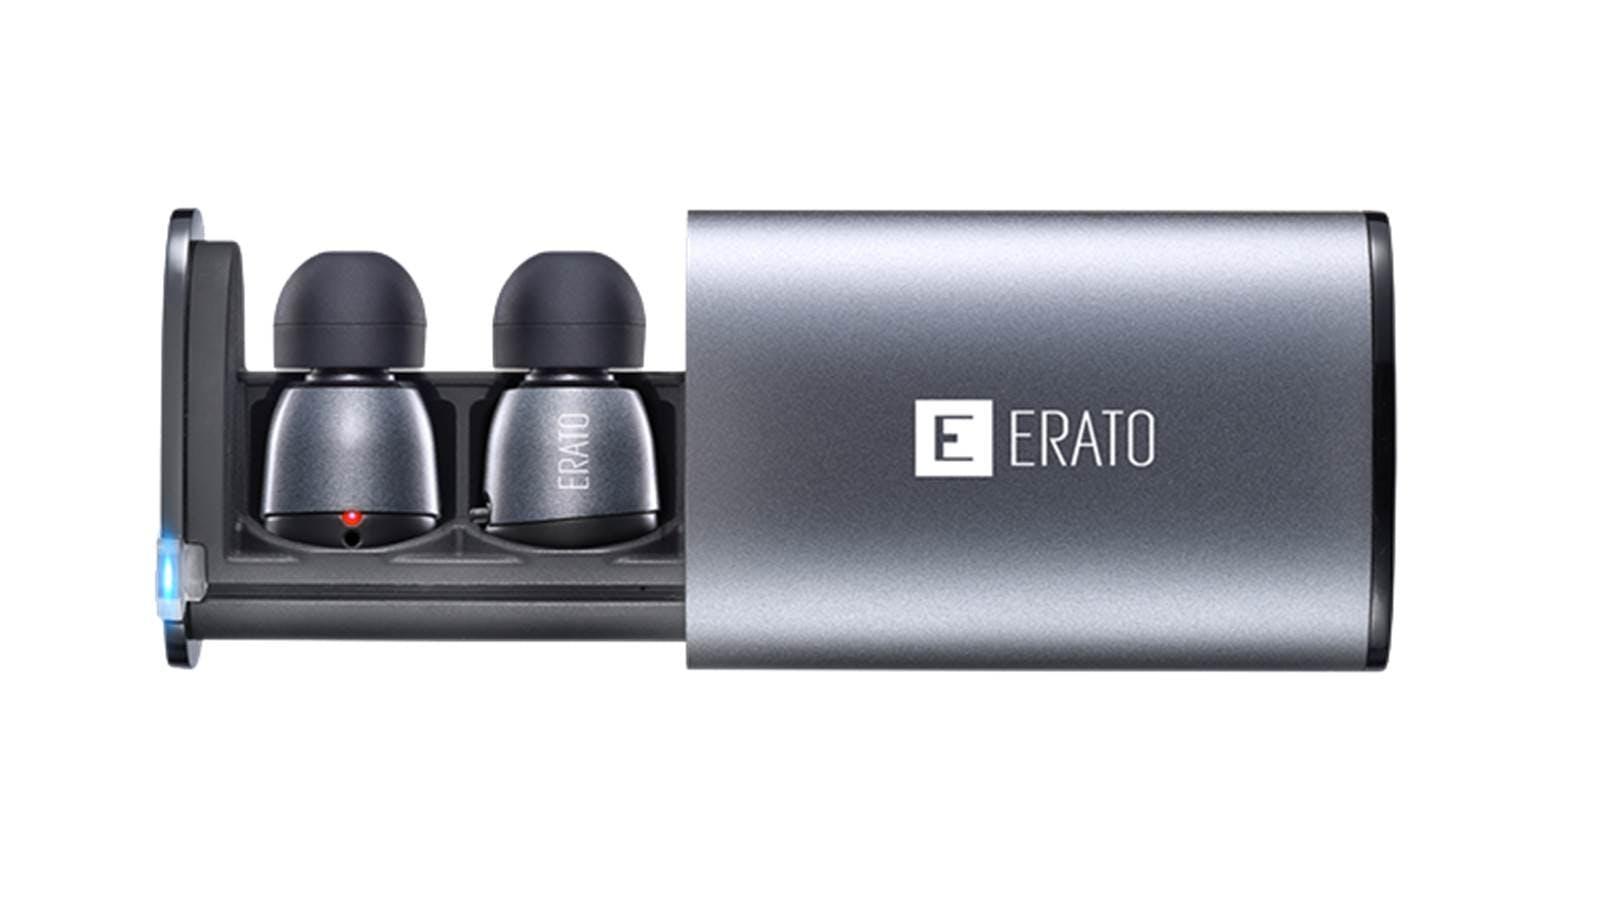 ea7bbe2e7c9 Erato Apollo 7 Wireless Earphones - Grey | Harvey Norman Malaysia